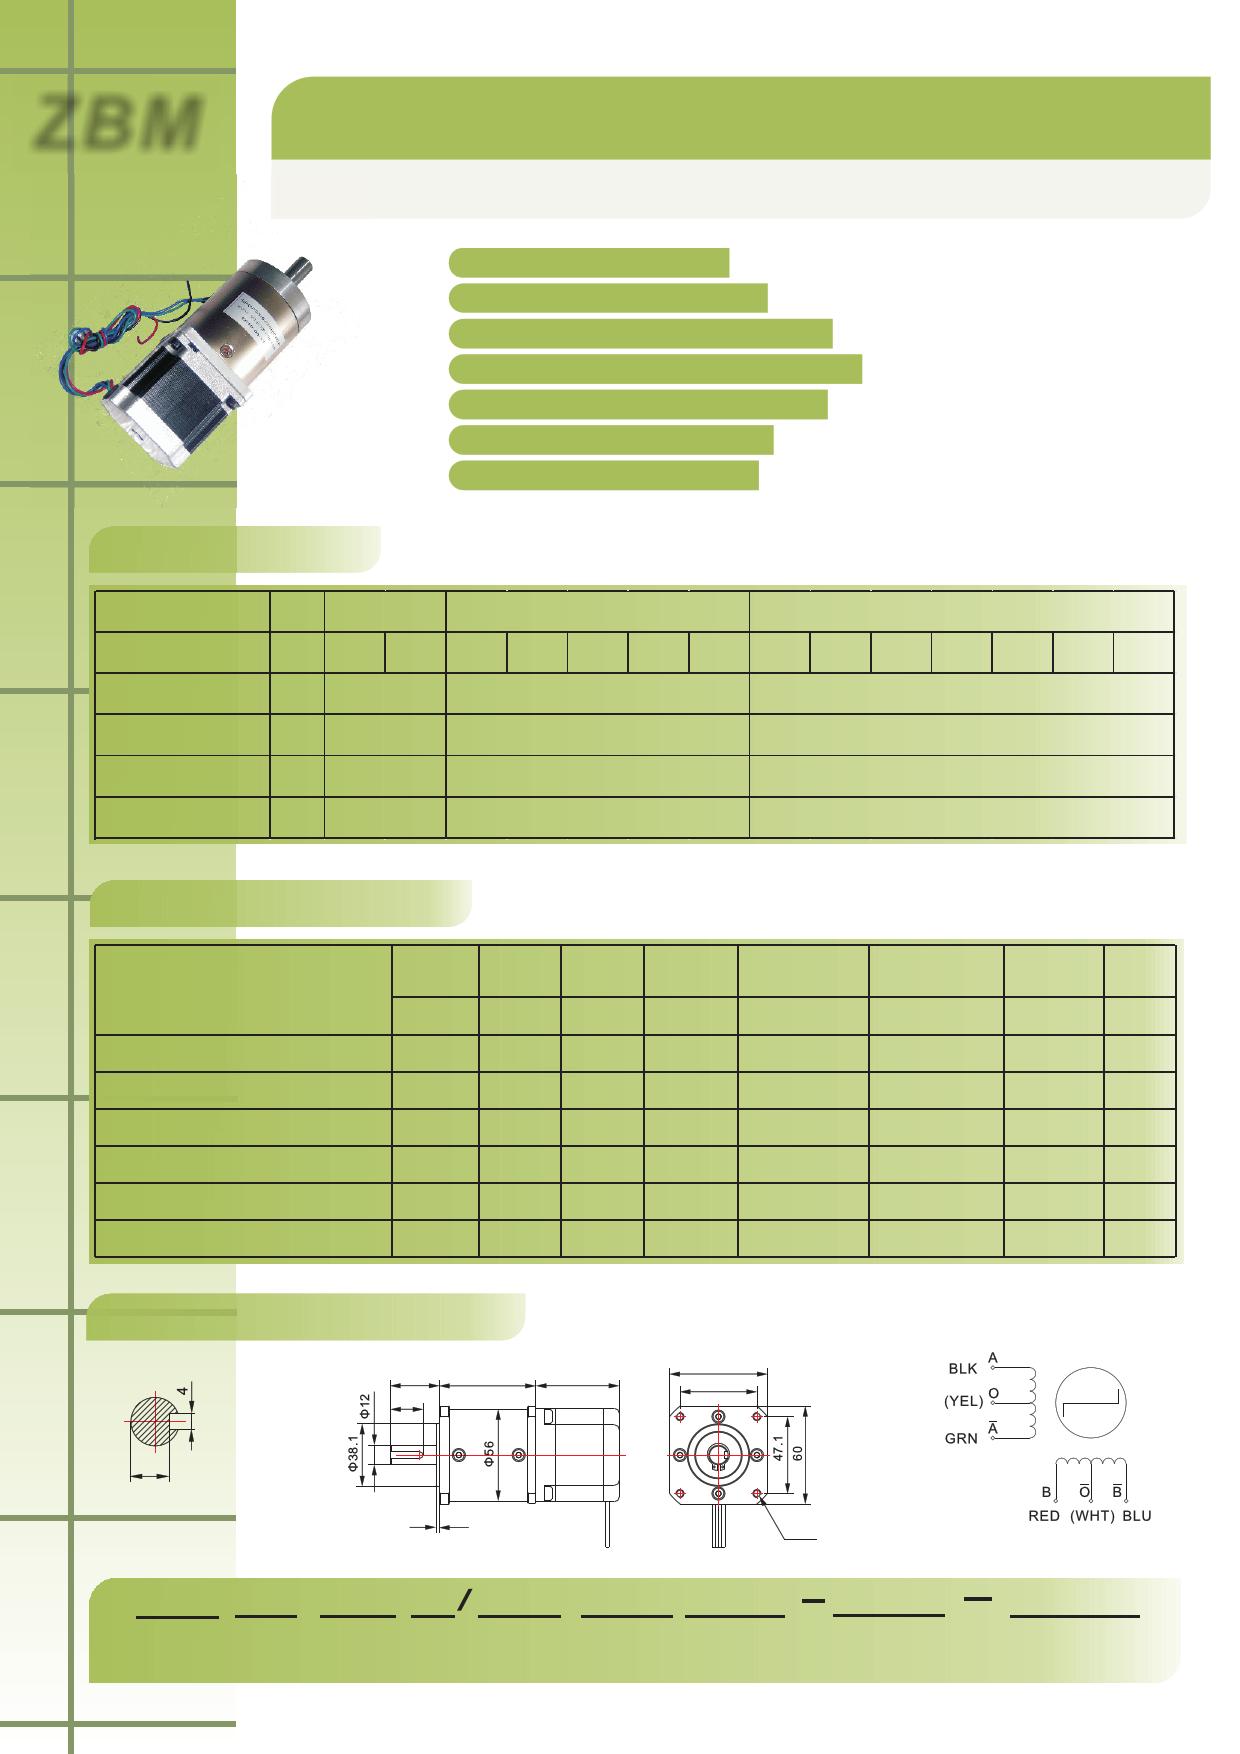 57BYGH41-144-4B datasheet, circuit